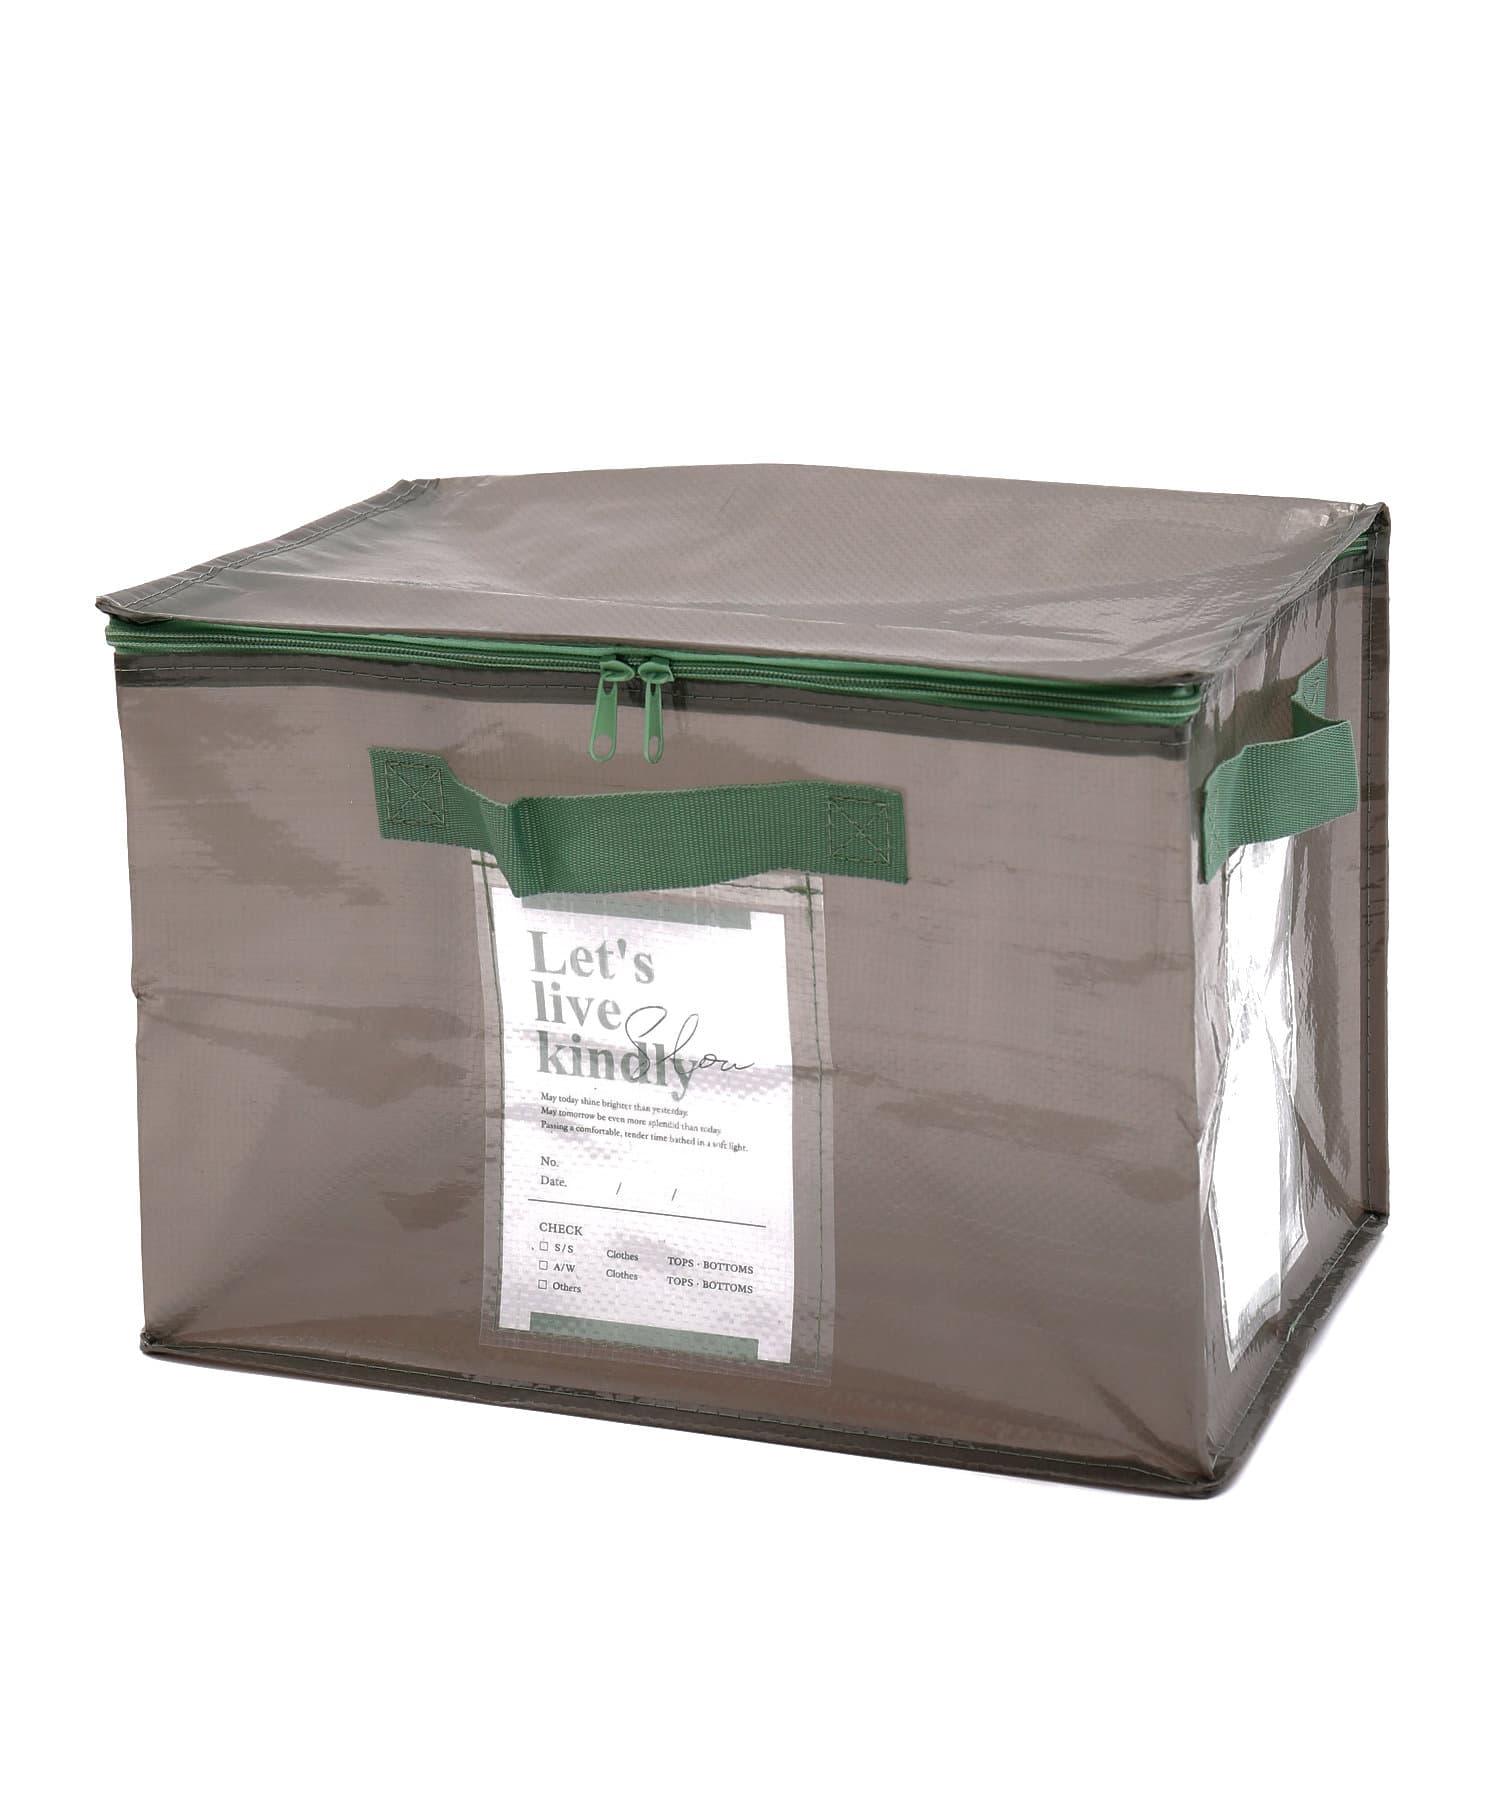 3COINS(スリーコインズ) ライフスタイル 【衣替えやお部屋の整理に】フタ付きクリアワイドボックス グレー